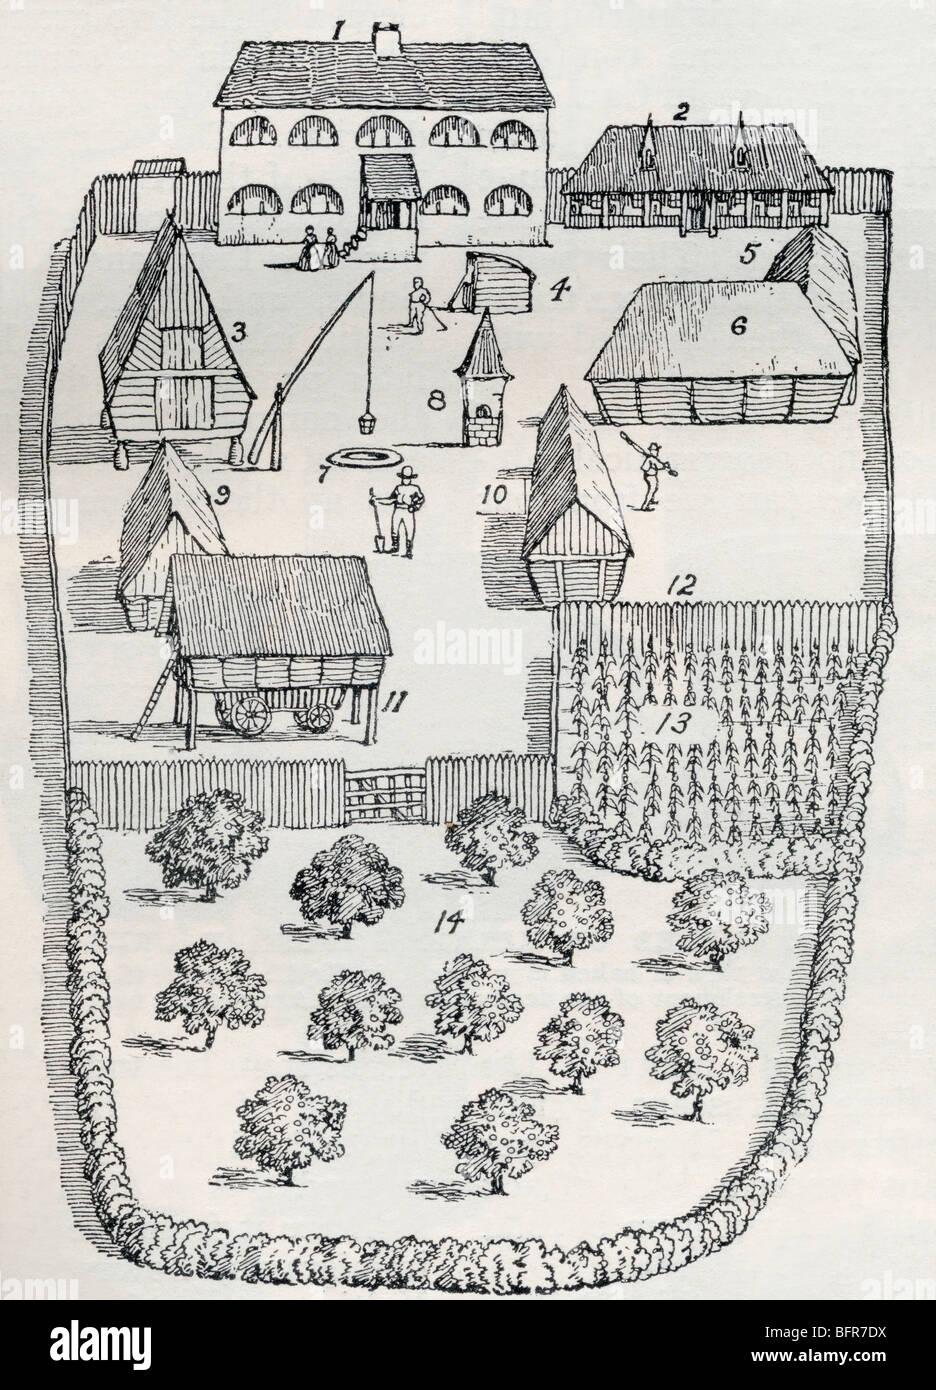 Eine kommunale Homestead in keltischen Britannien.  Siehe vollständige Beschreibung unten. Stockbild